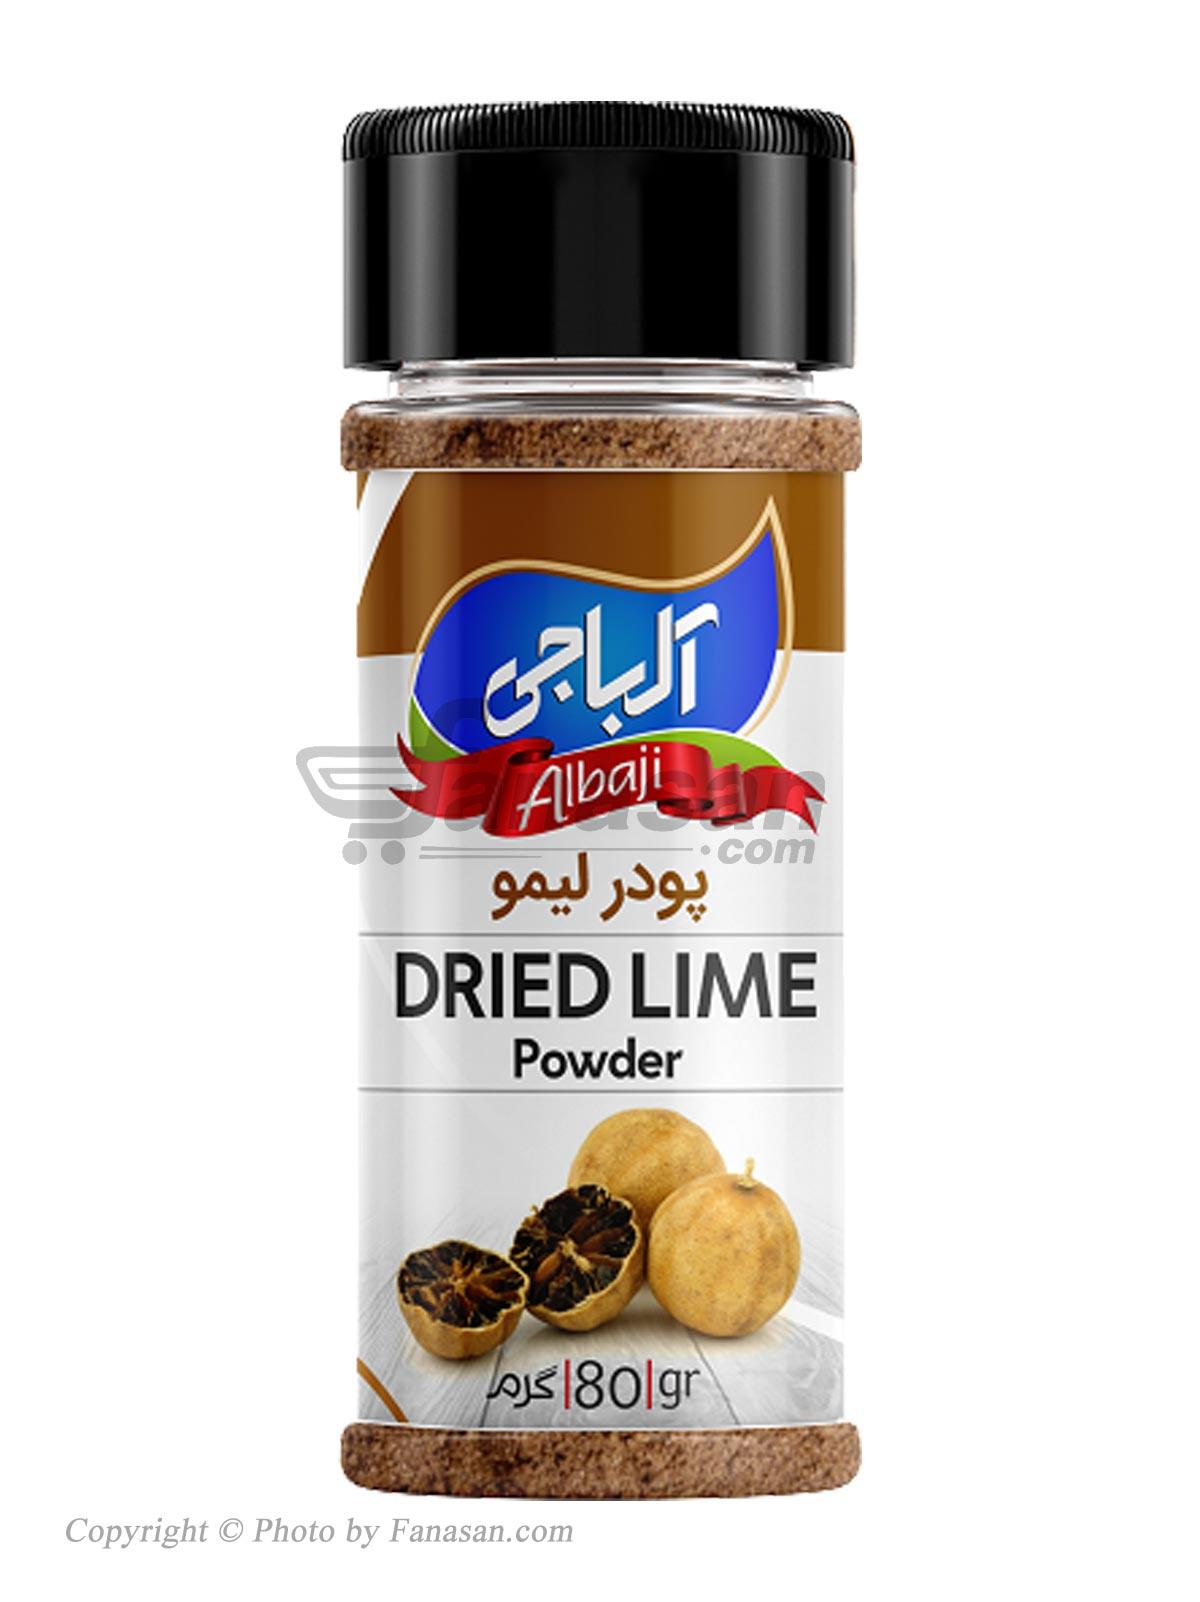 پودر لیمو آلباجی 80 گرم